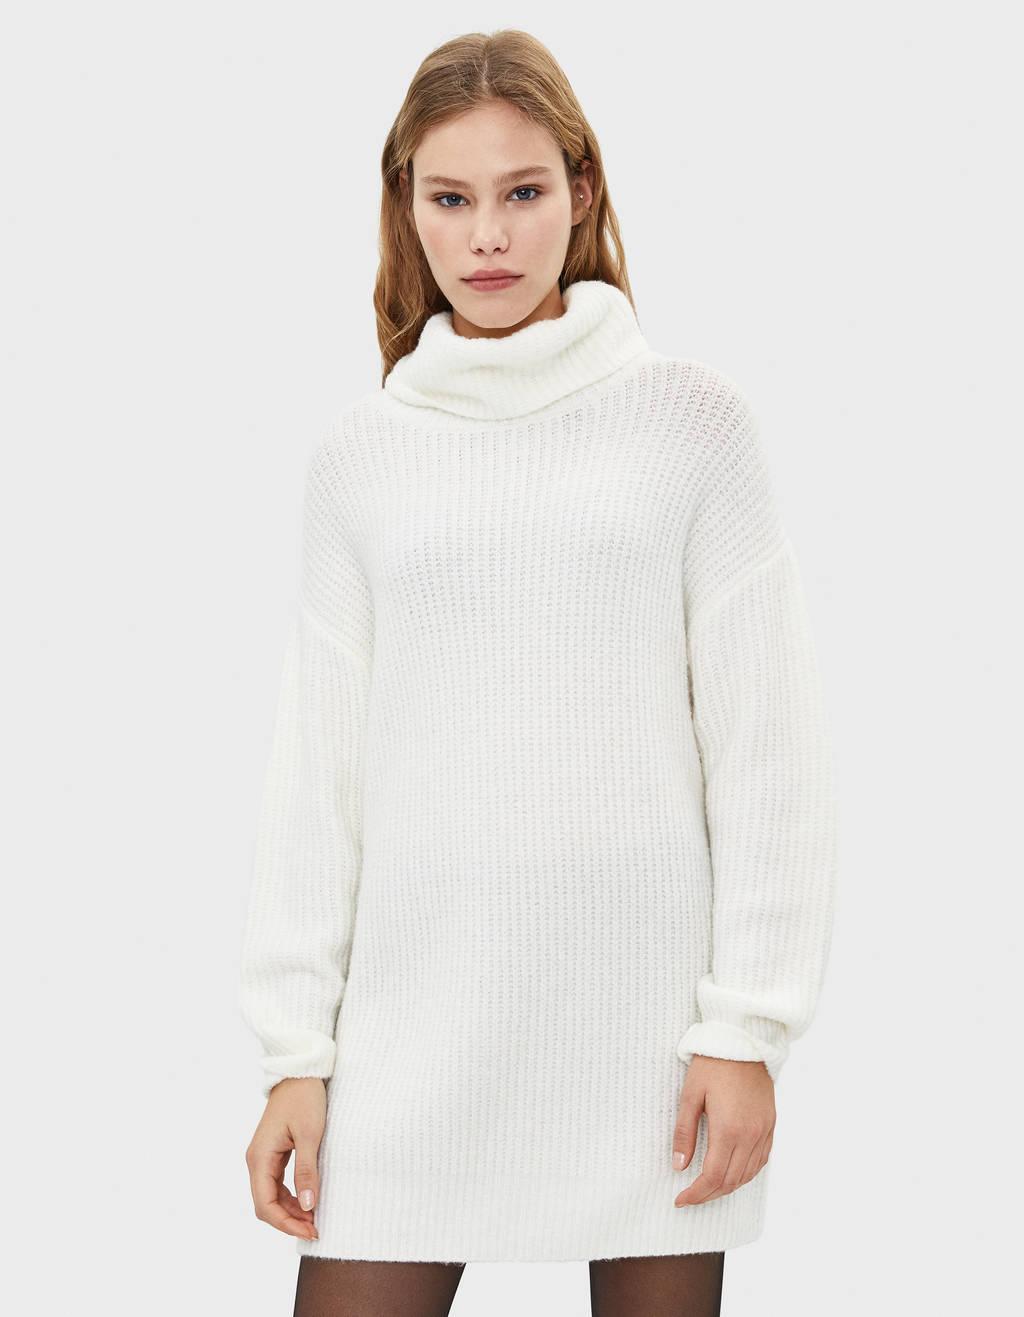 オーバーサイズ仕様タートルネックセーター